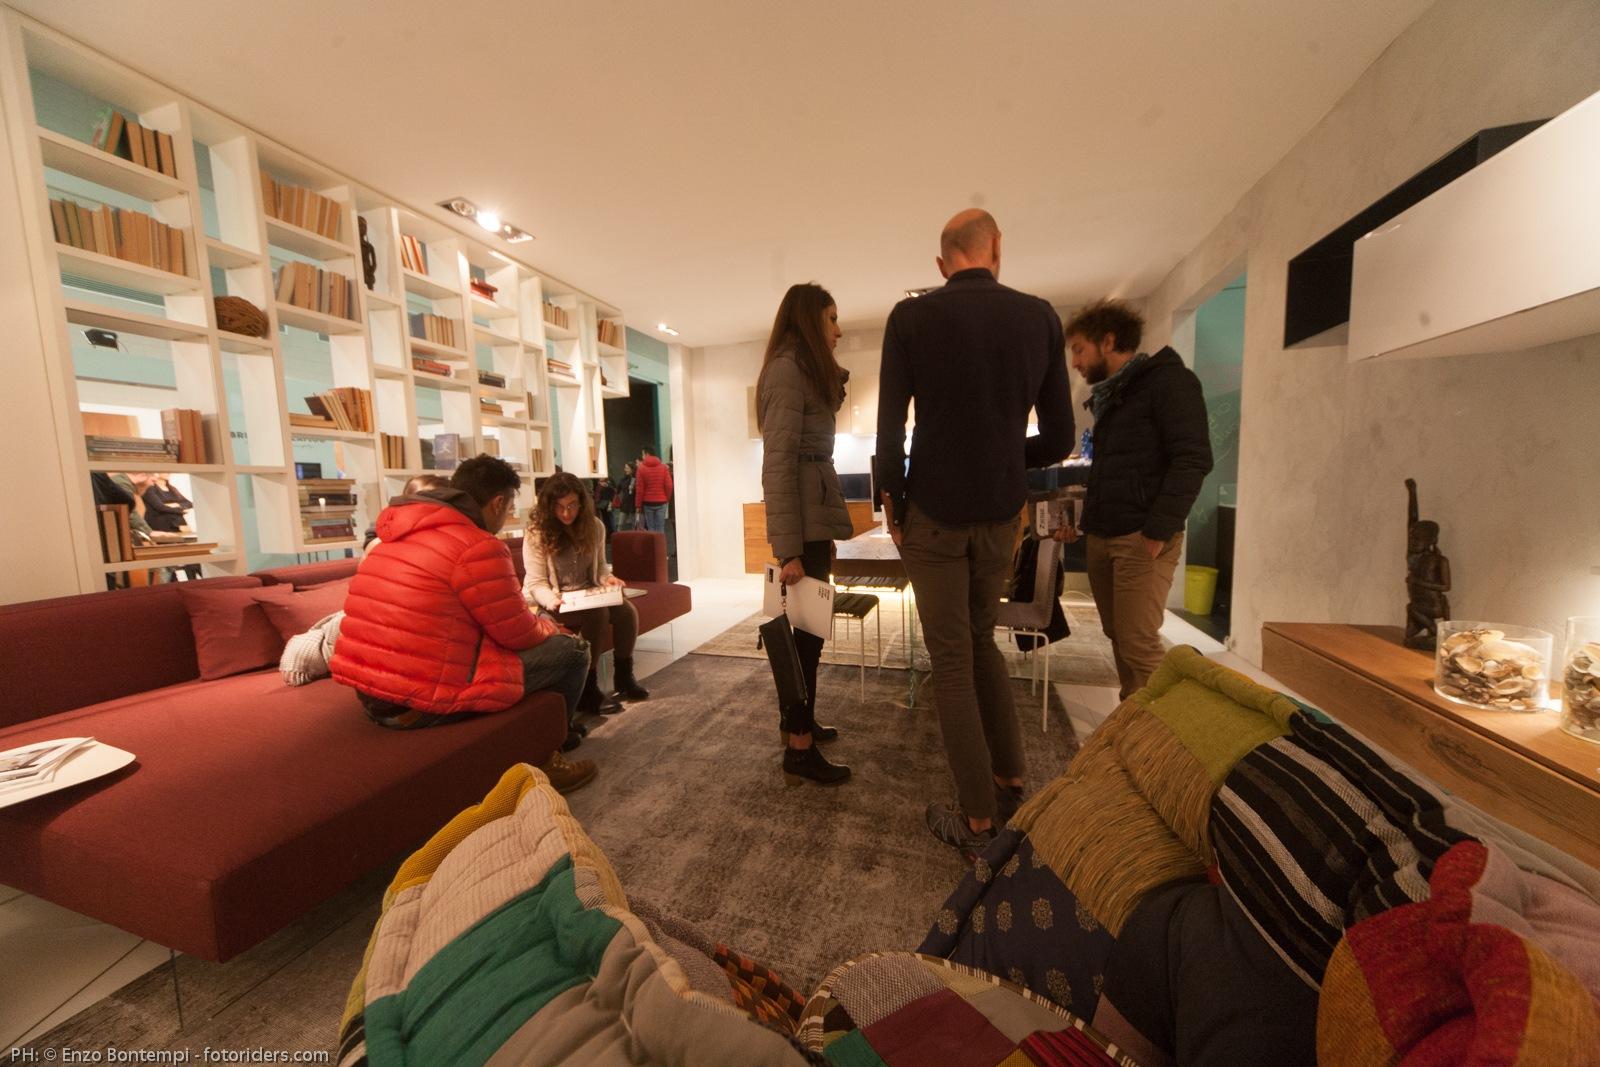 Le migliori soluzioni di arredo da interni salone del for Salone del mobile a bergamo